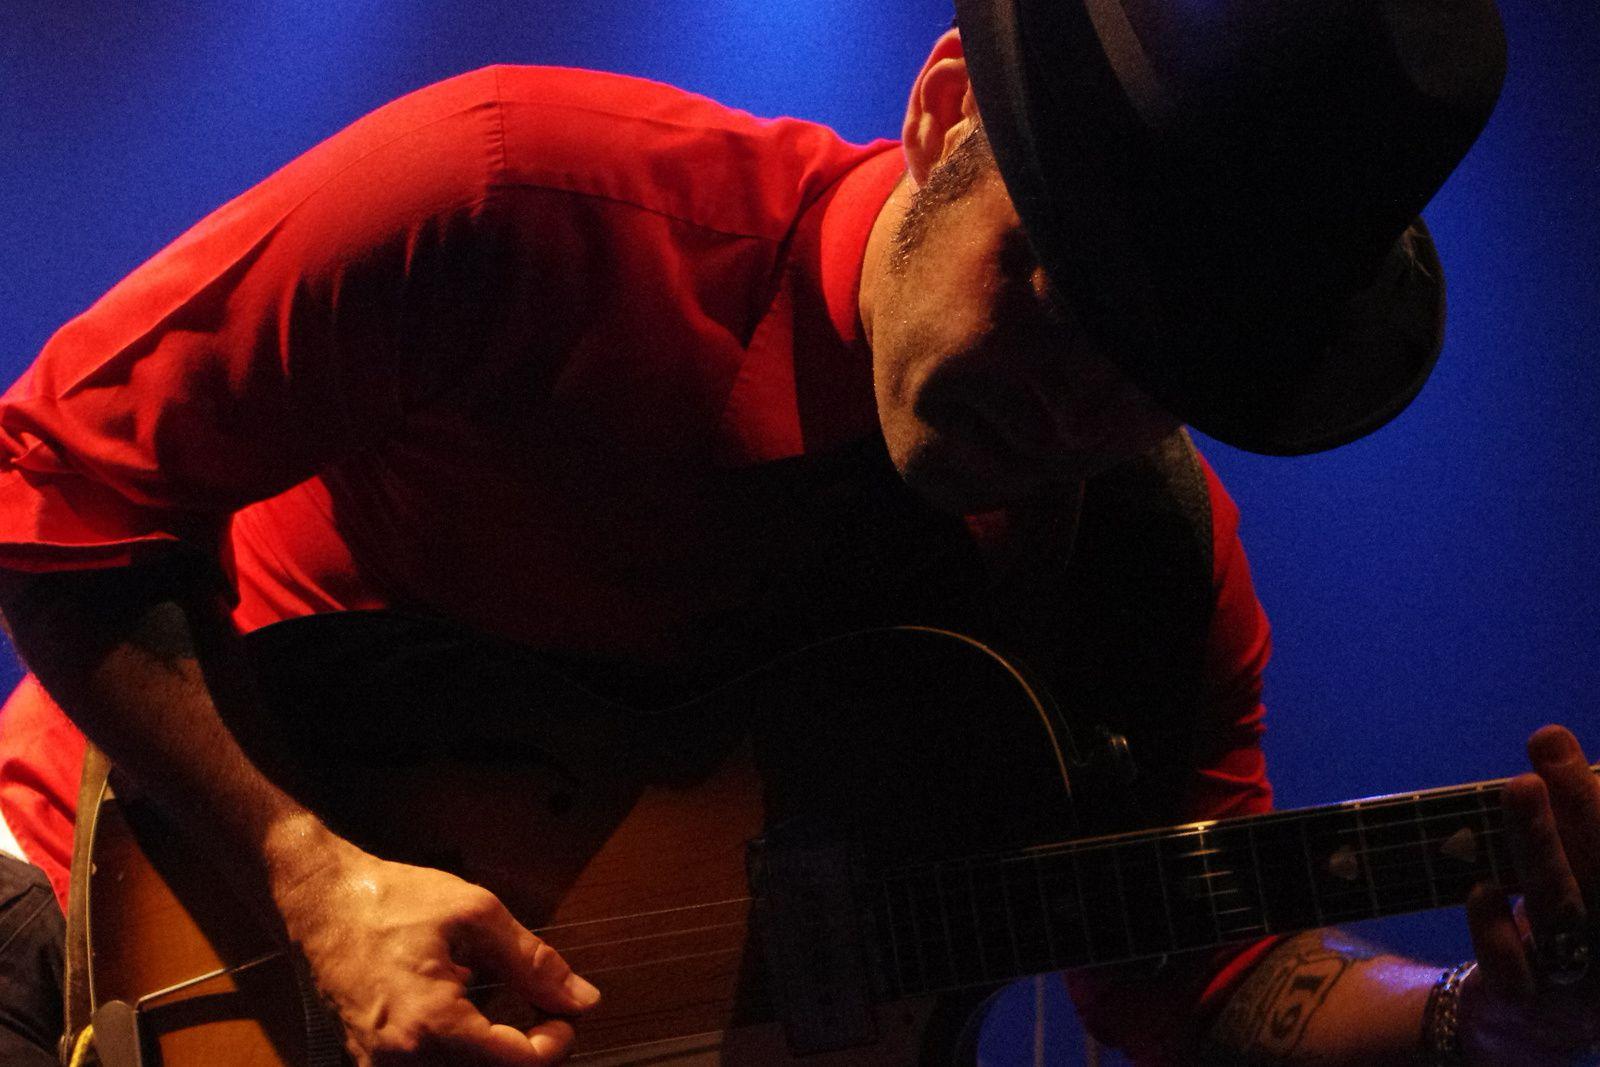 Manu Lanvin & The Devil Blues - 13 juin 2014 - Espace Athena, St saulve (59)